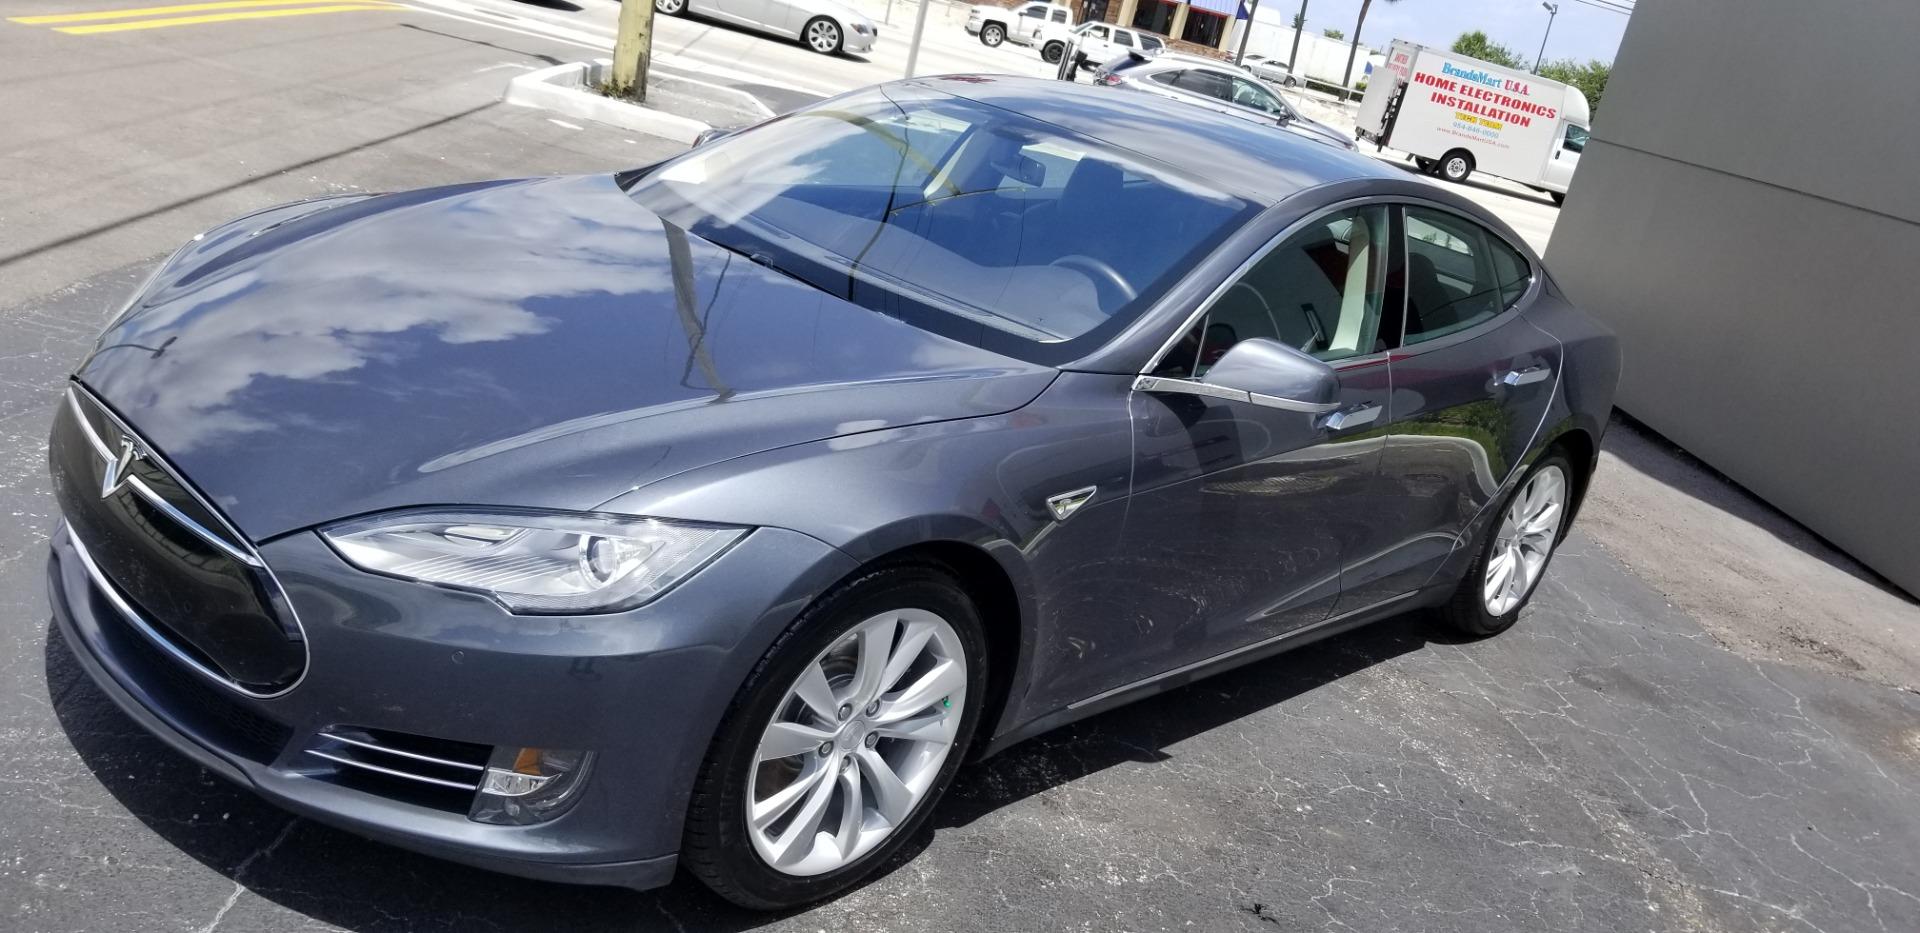 Used-2014-Tesla-Model-S-85-kWh-Battery